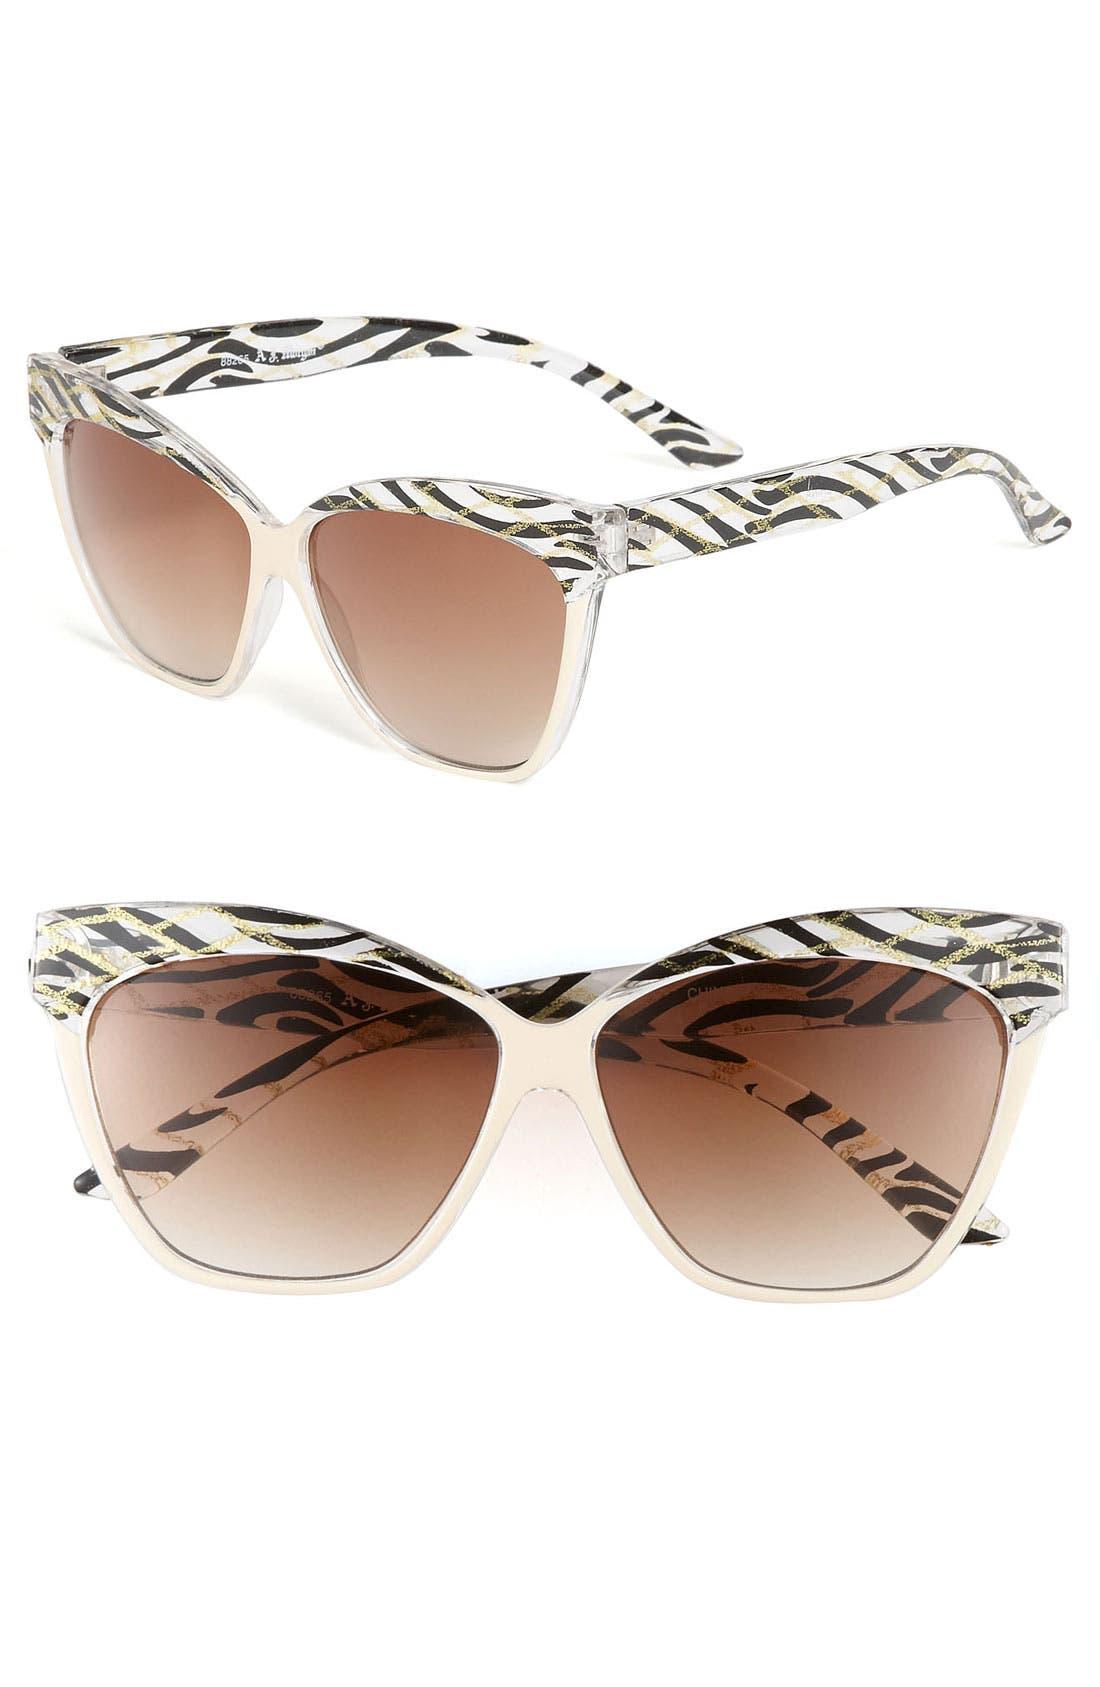 Main Image - A.J. Morgan 60mm 'Versailles' Sunglasses